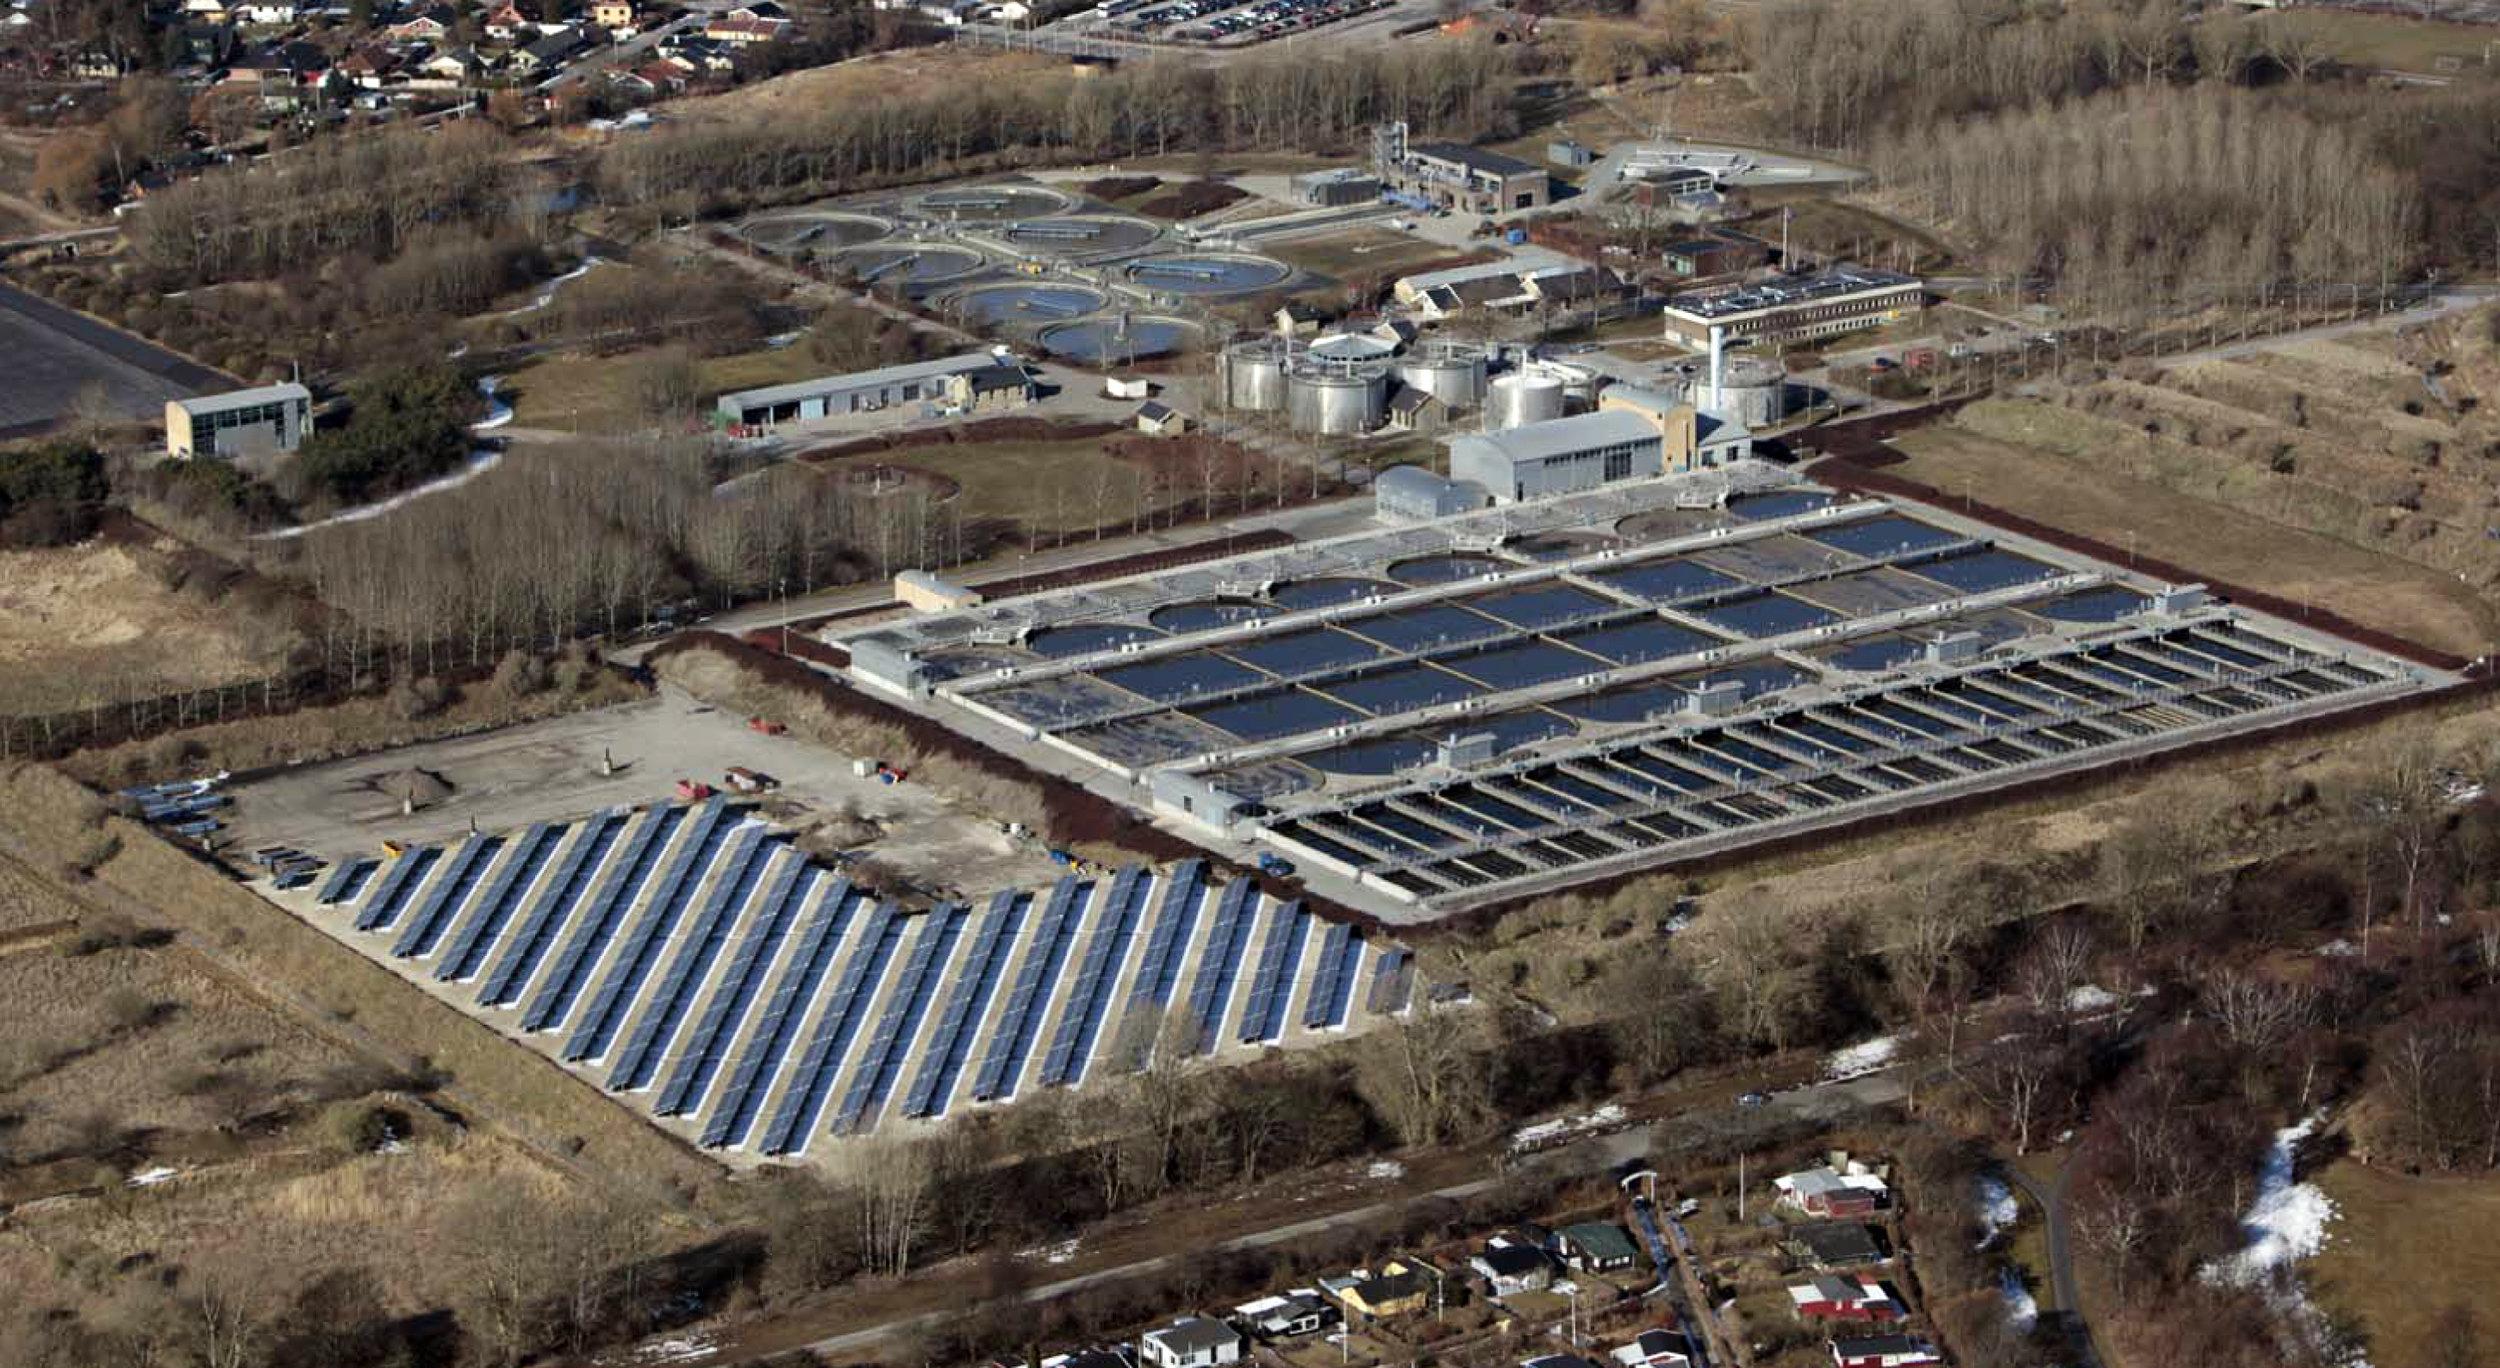 DAMHUSÅEN - Bynært solcelleanlæg i tilknytning til rensningsanlæg